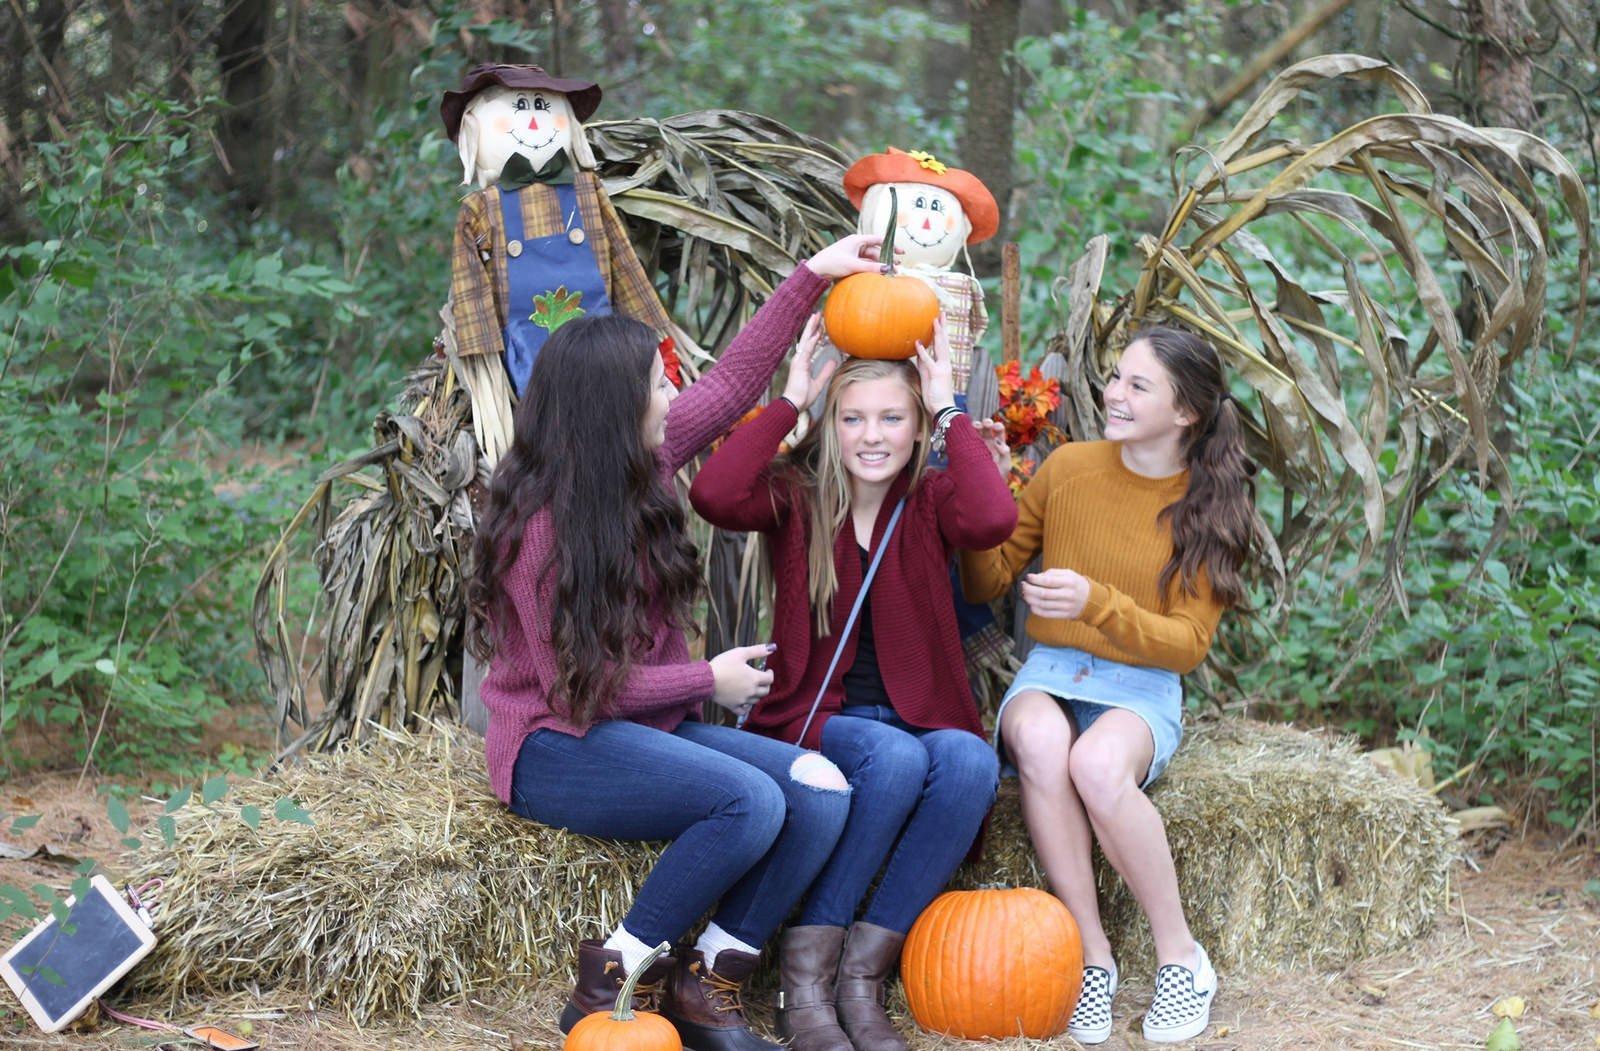 Девушка в мини-юбке засветила трусики на Хеллоуин